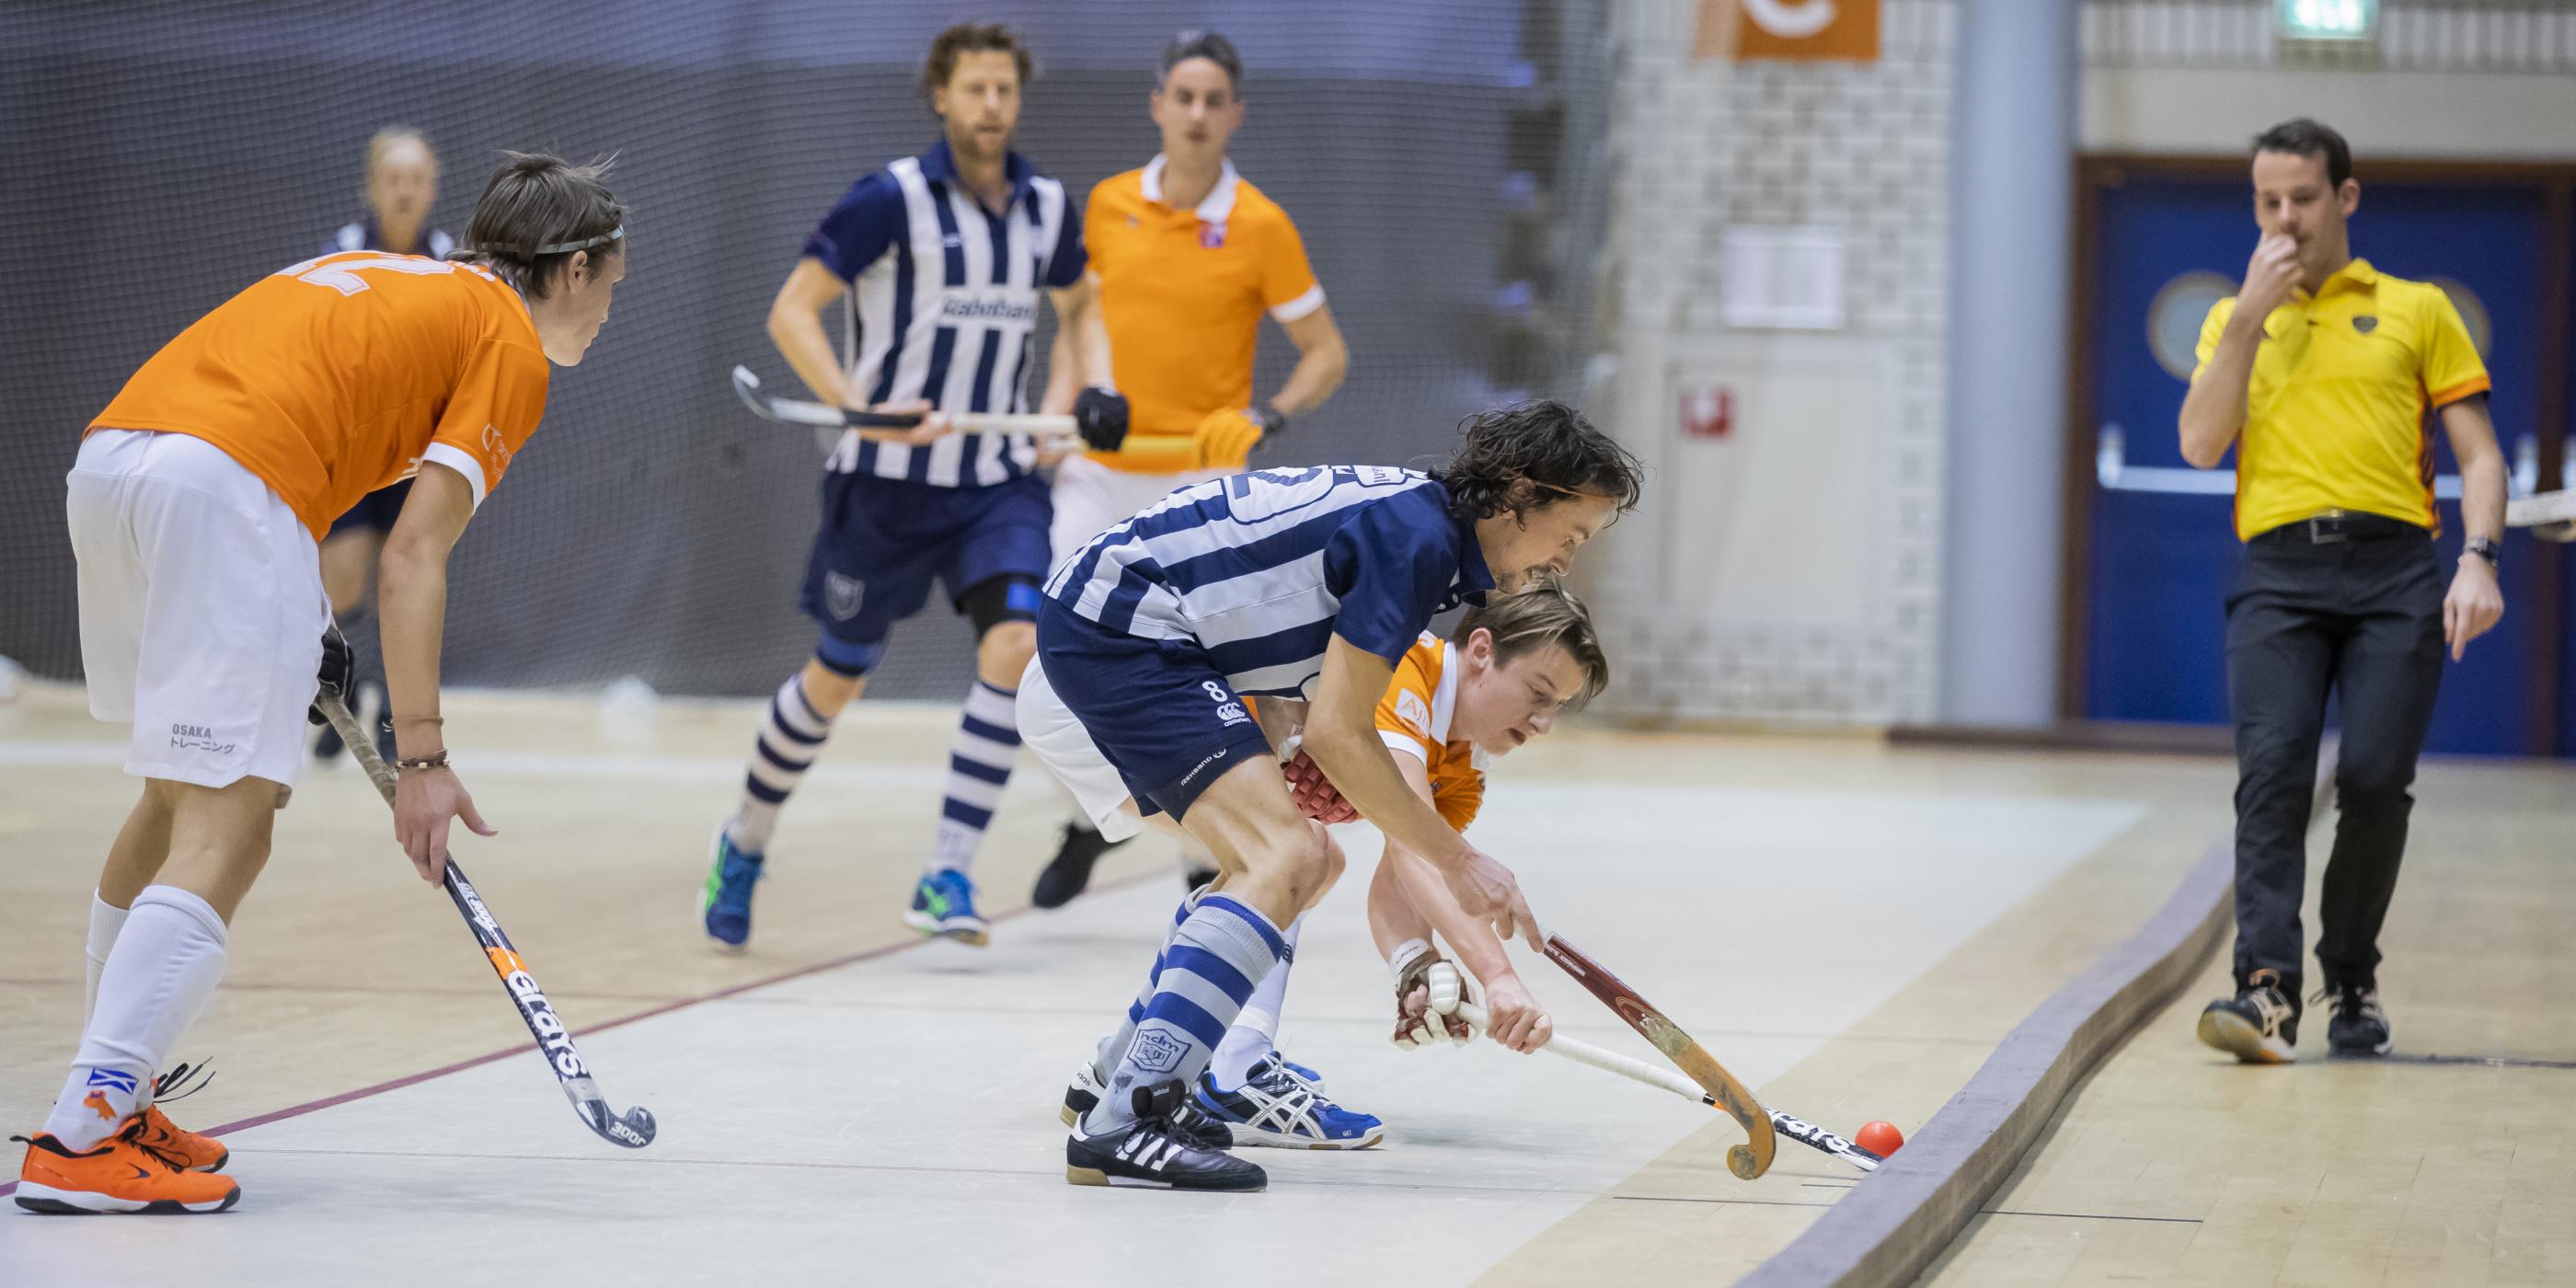 Video's met uitleg spelregels zaalhockey online